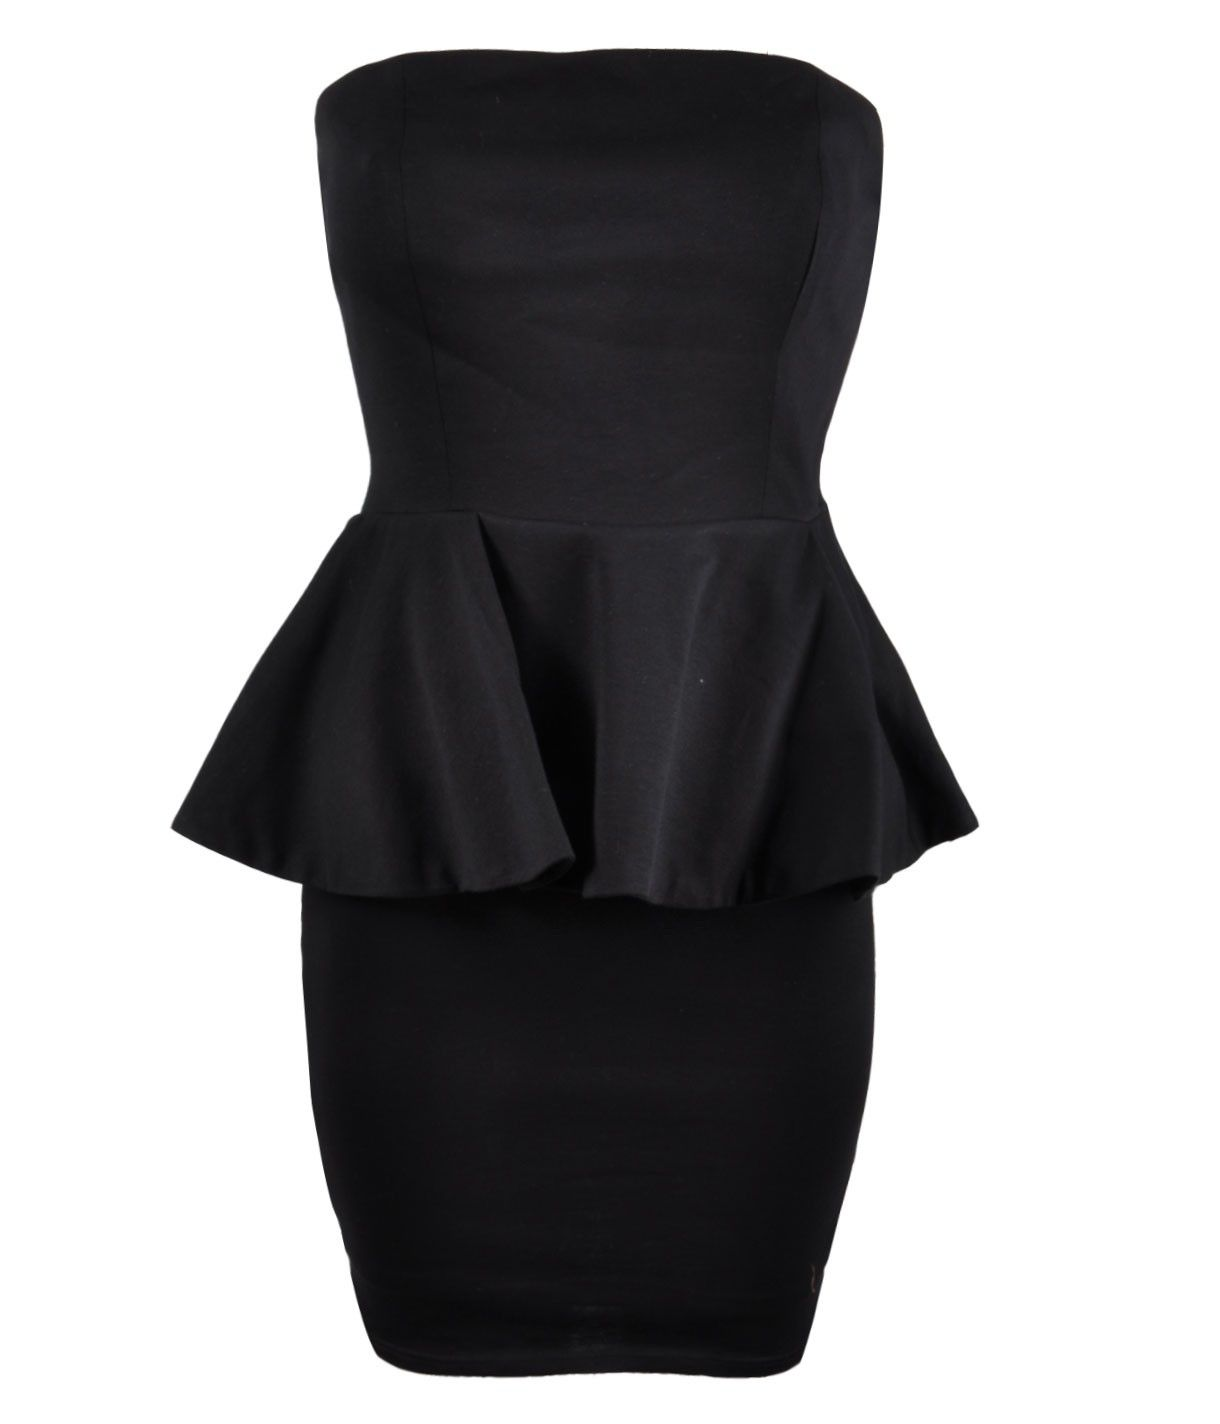 Vestidos cortos con vuelo en la cintura